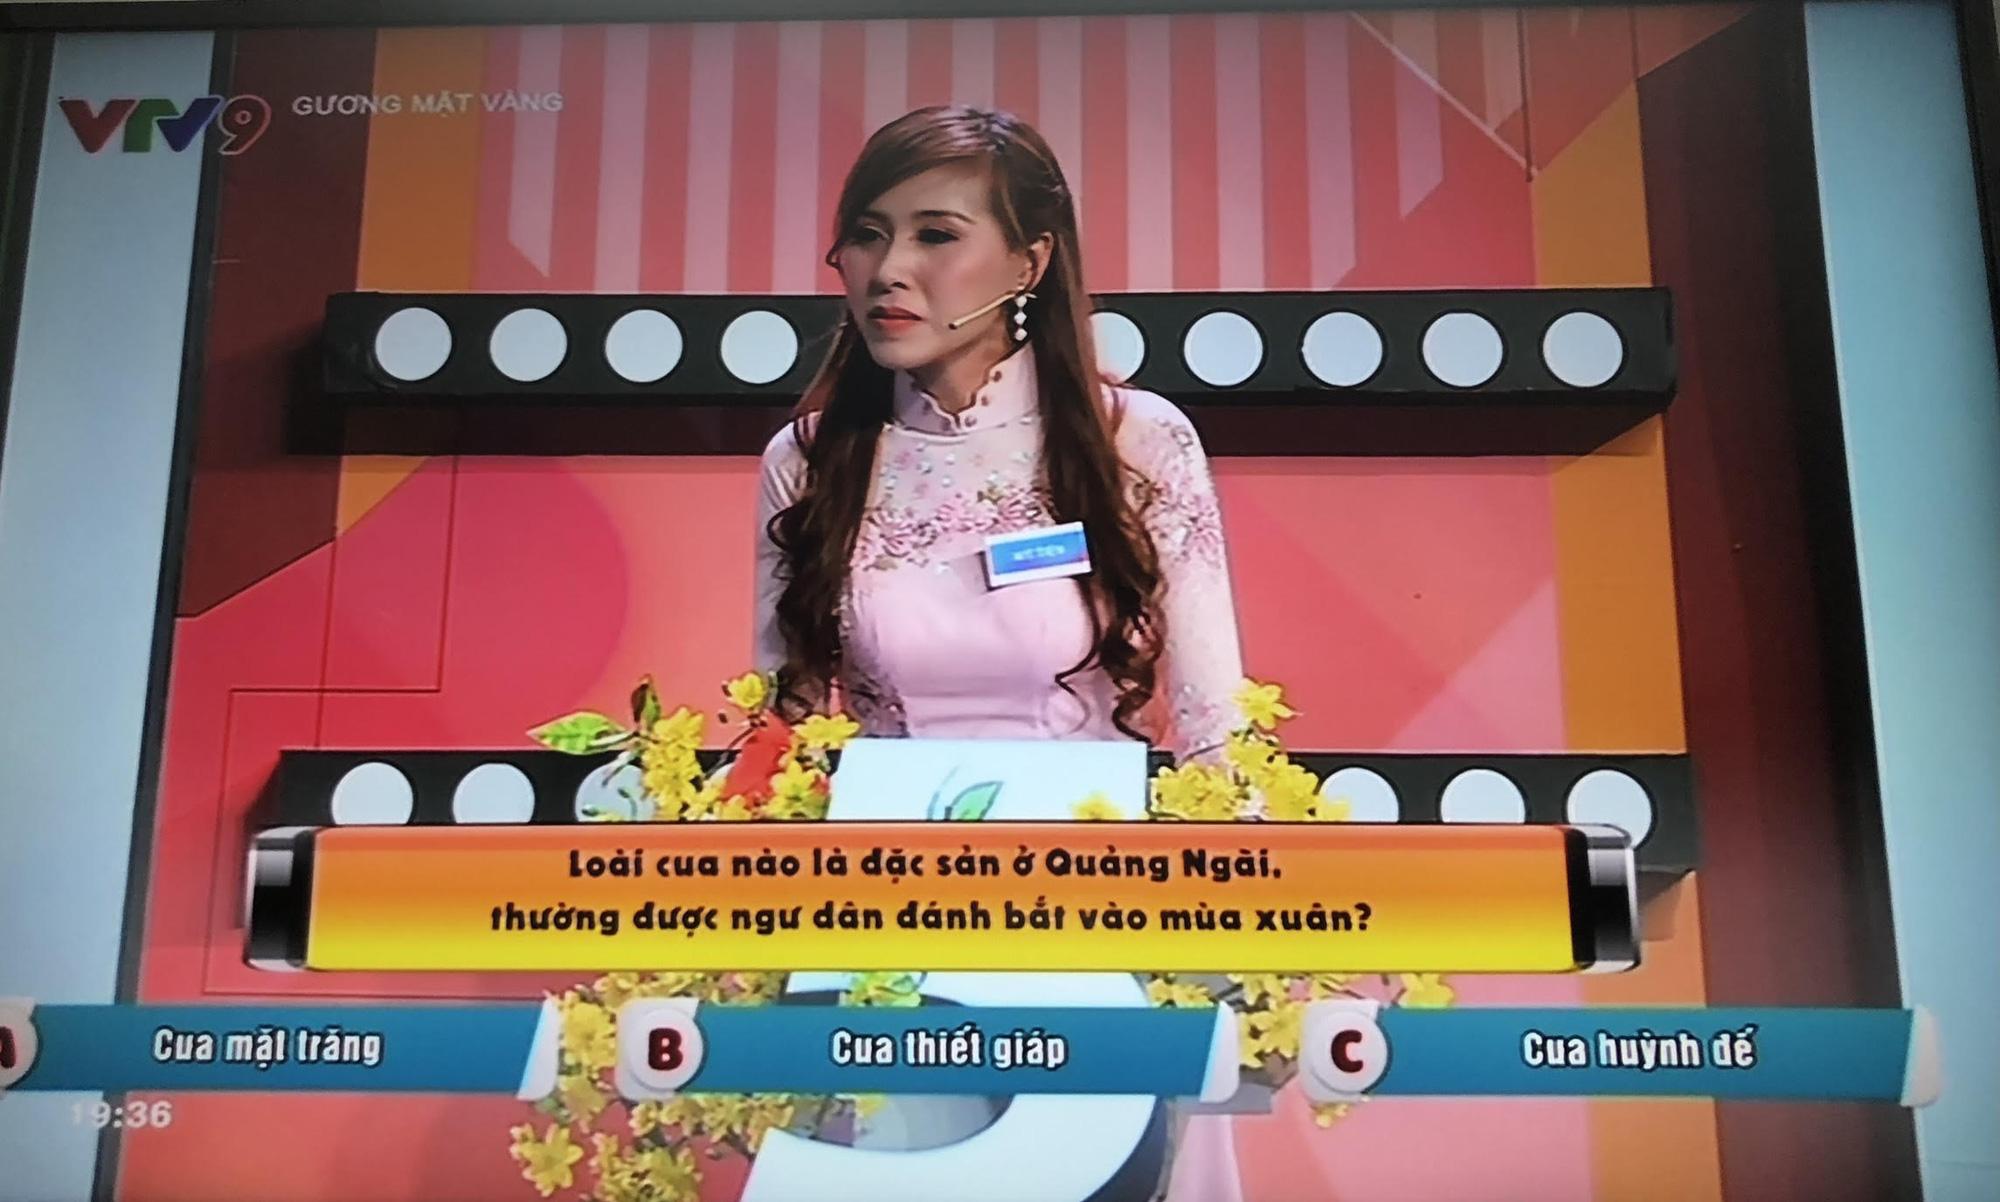 """Ca sĩ Mỹ Tiên chiến thắng đầy thuyết phục trong chương trình """"Gương mặt vàng"""" tập 7 - Ảnh 5."""